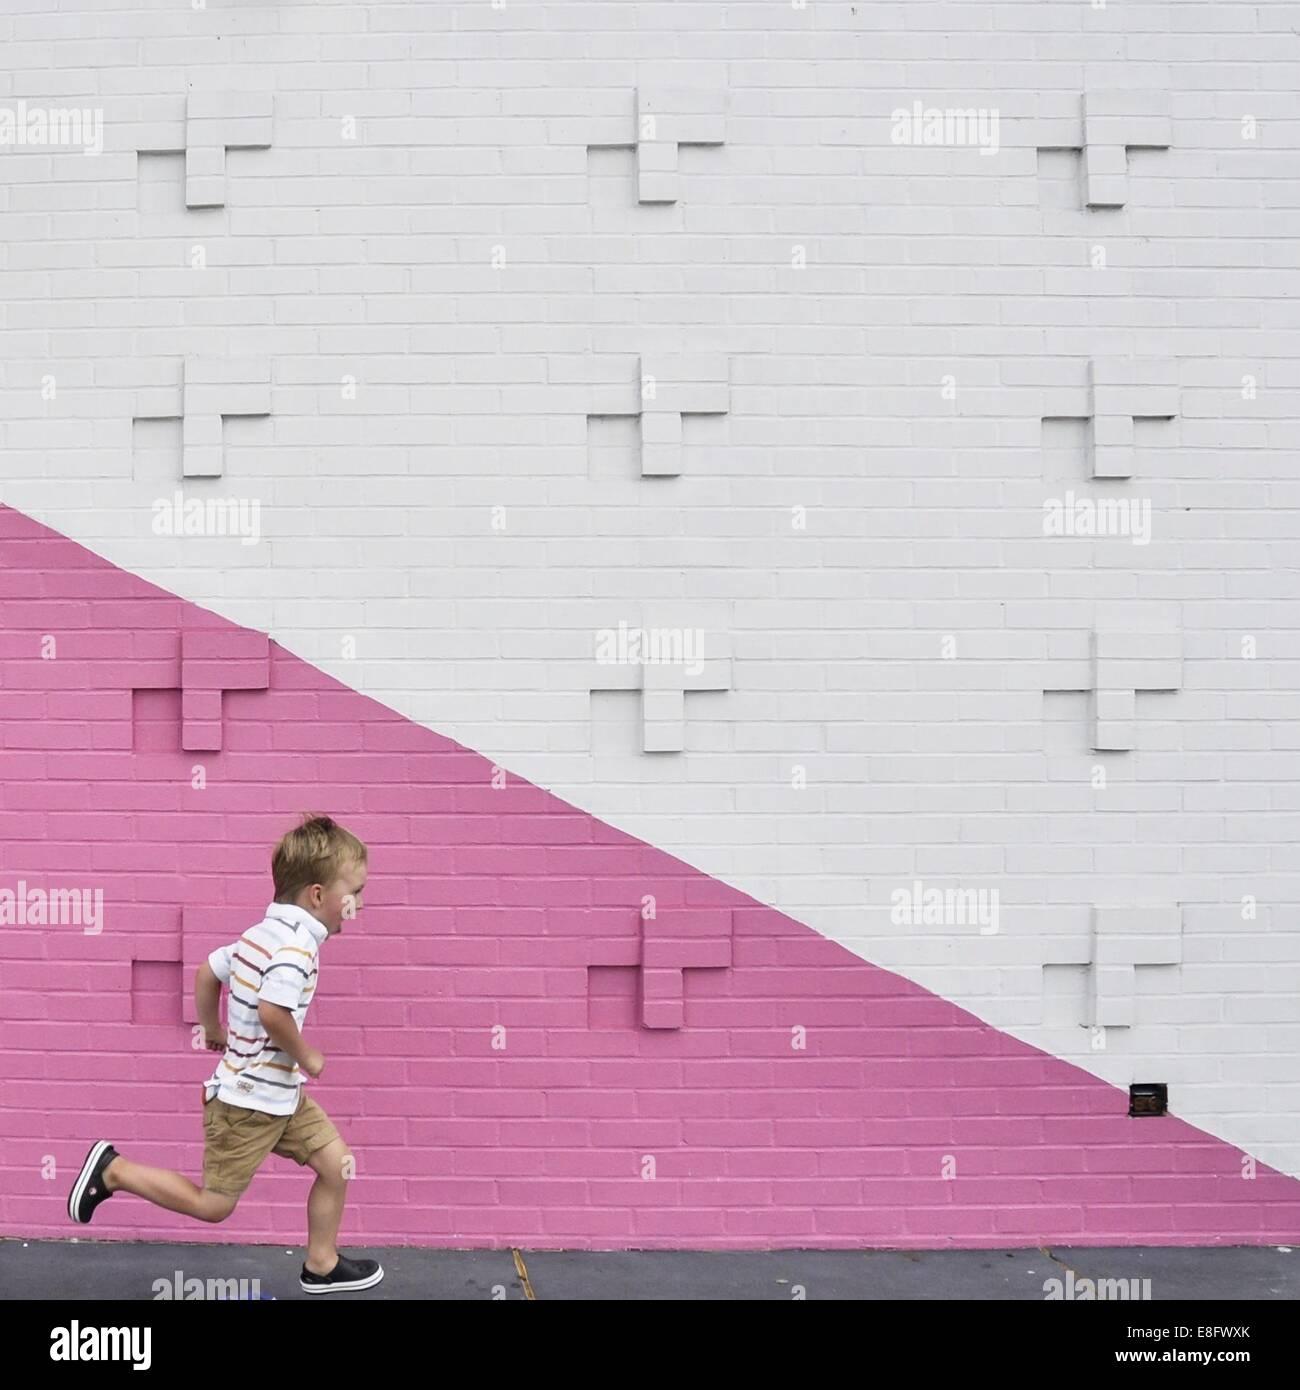 Ragazzo in esecuzione passato rosa e muro bianco Immagini Stock